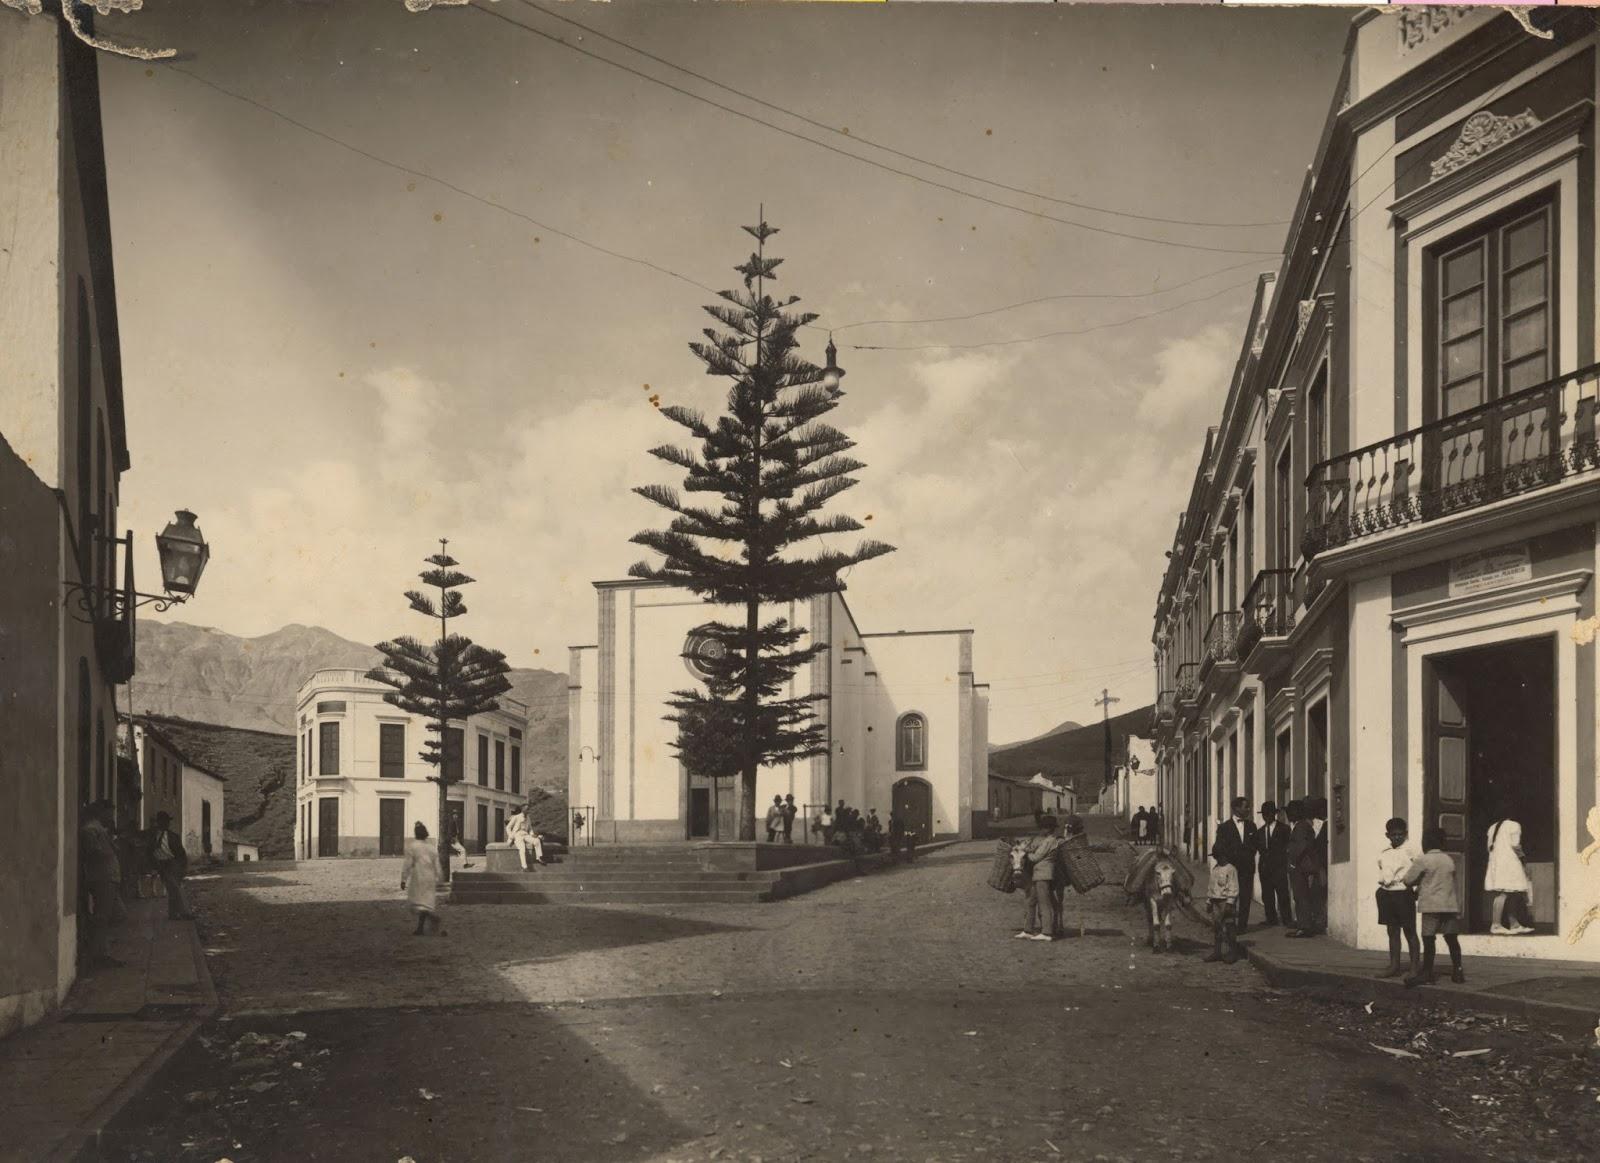 Imagen nº 359 propiedad del archivo de fotografía histórica de la FEDAC/CABILDO DE GRAN CANARIA. Realizada entre los años 1925 y 1930 por Teodoro Maisch.